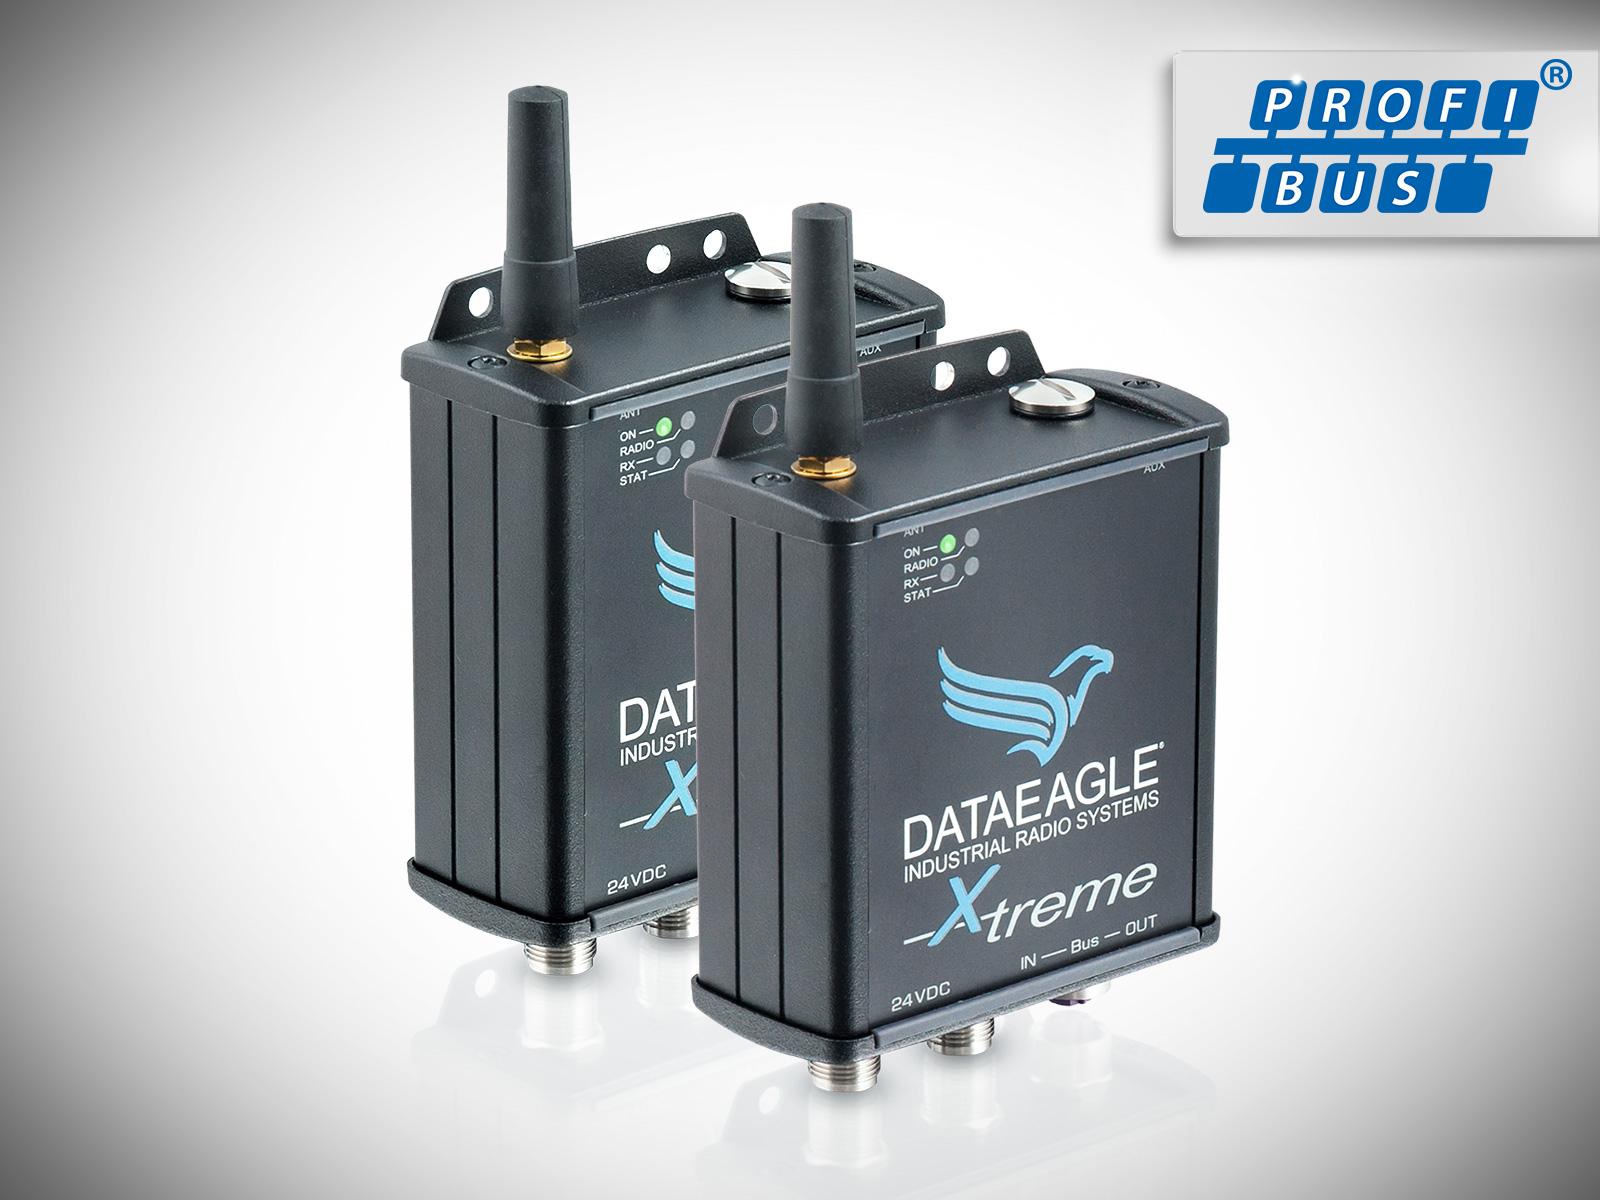 DATAEAGLE 3000 X-treme • Wireless PROFIBUS • Kabelloses Funkmodul zur sicheren Datenübertragung von PROFIBUS und PROFIsafe